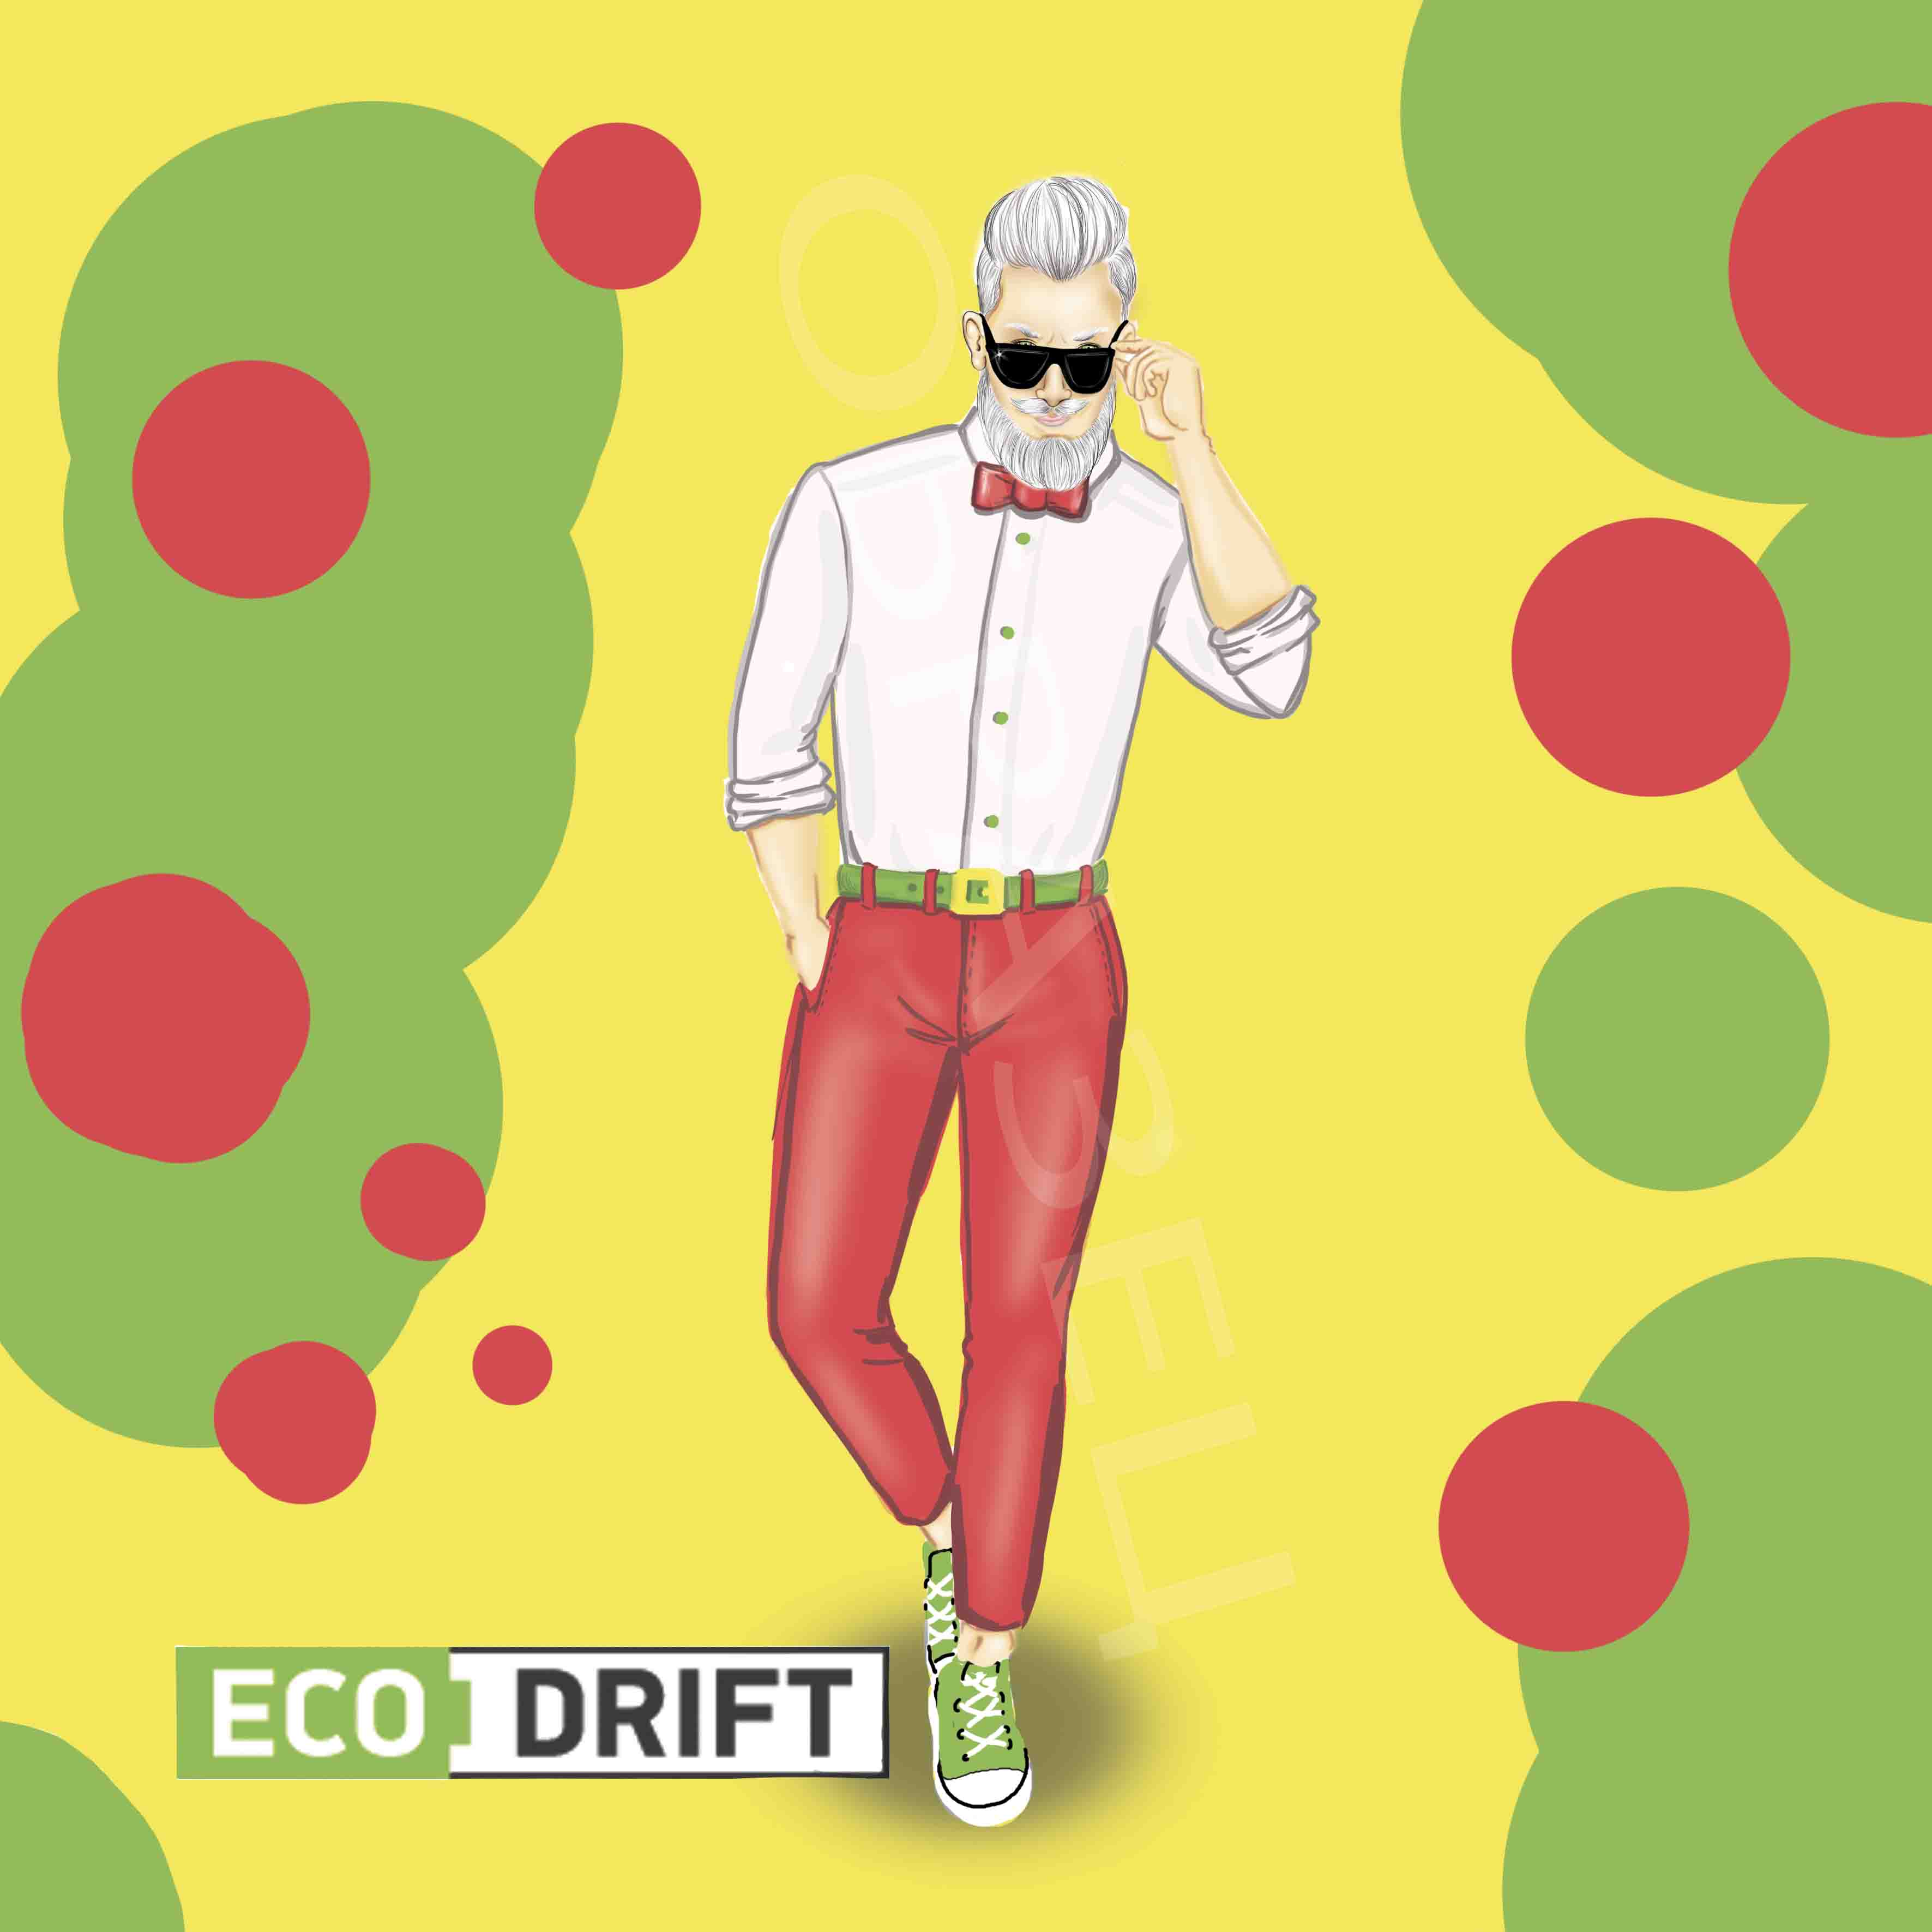 Конкурс на создание персонажа для сайта компании «Экодрифт» фото f_67859ed97efb0043.jpg